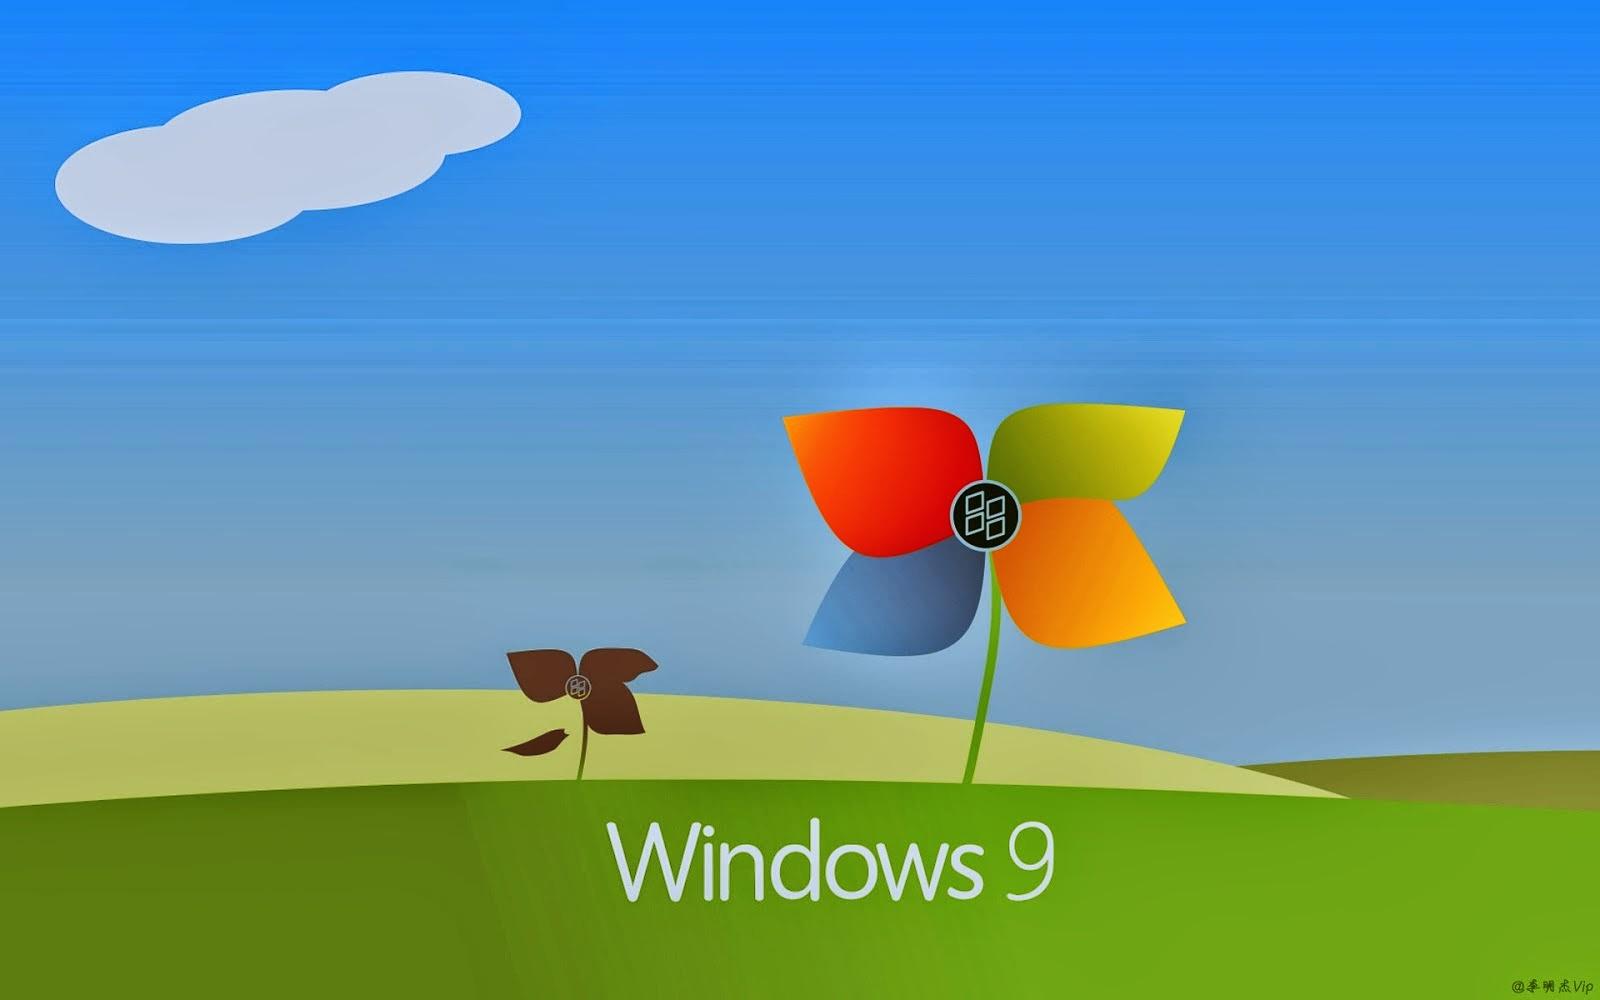 Download hình nền Windows 9 Full HD